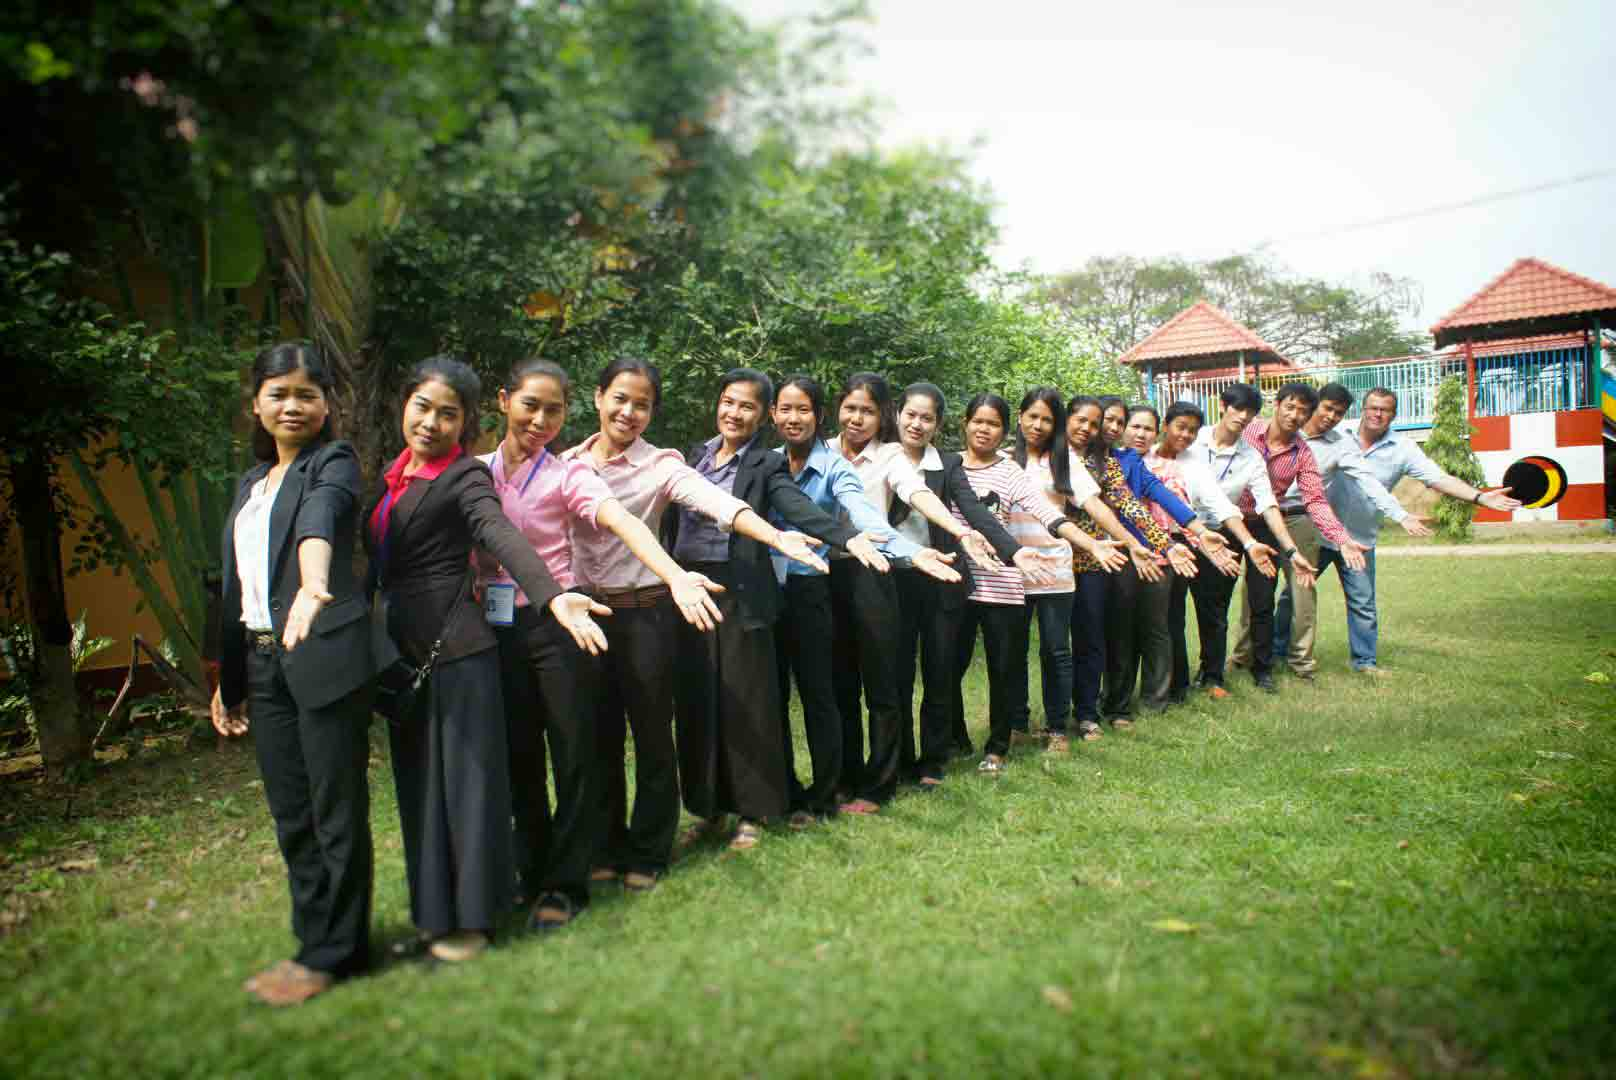 Volontaires humanitaires spécialisés dans la lutte contre la maltraitance et le trafic des enfants au Cambodge. L'ONG AVEC est une référence dans le domaine de la protection des enfants.